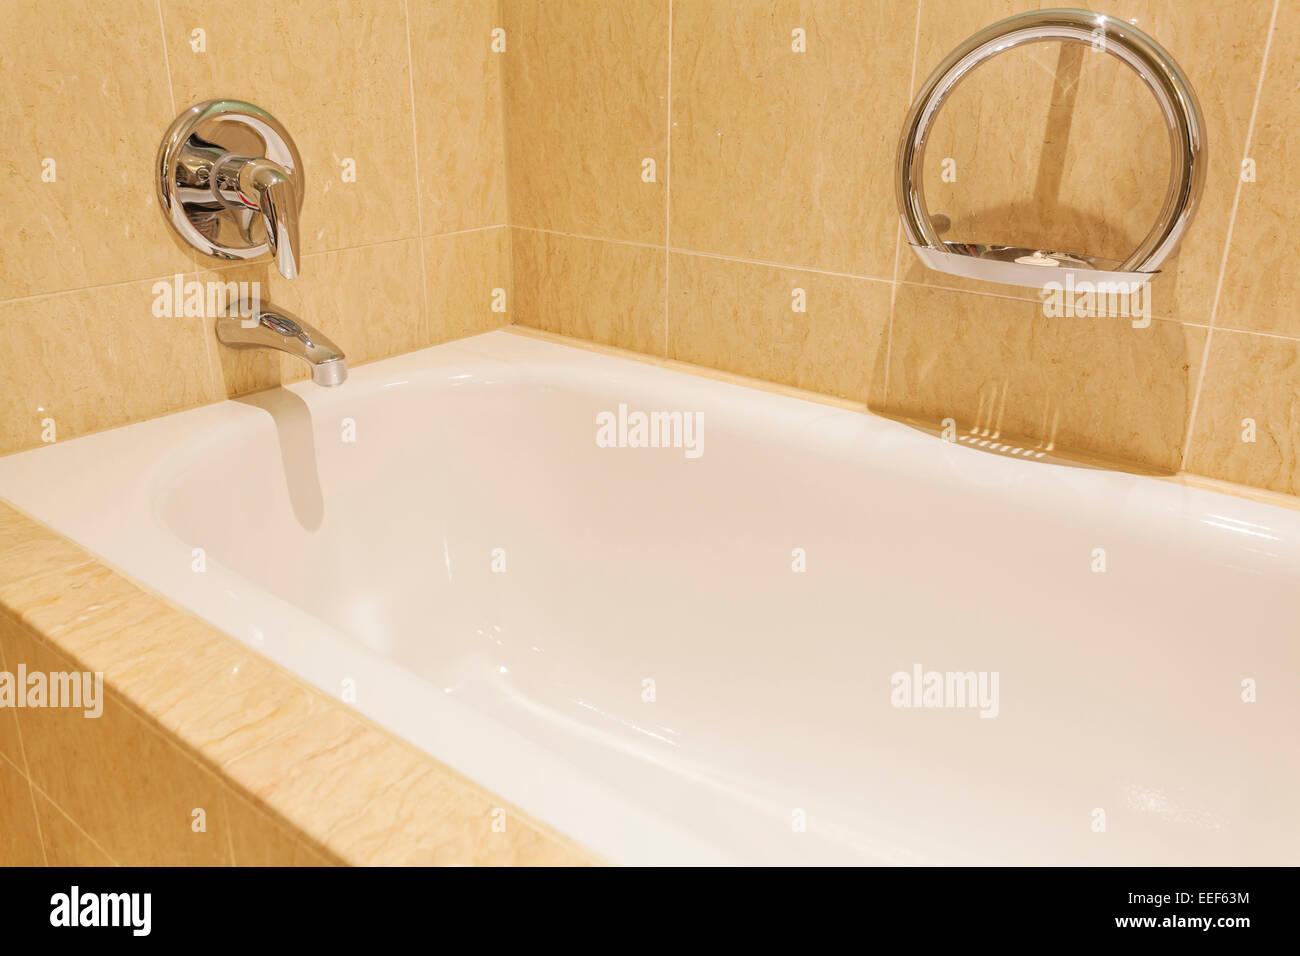 Vasca Da Bagno Per Hotel : Vasca da bagno in un lussuoso hotel room foto immagine stock